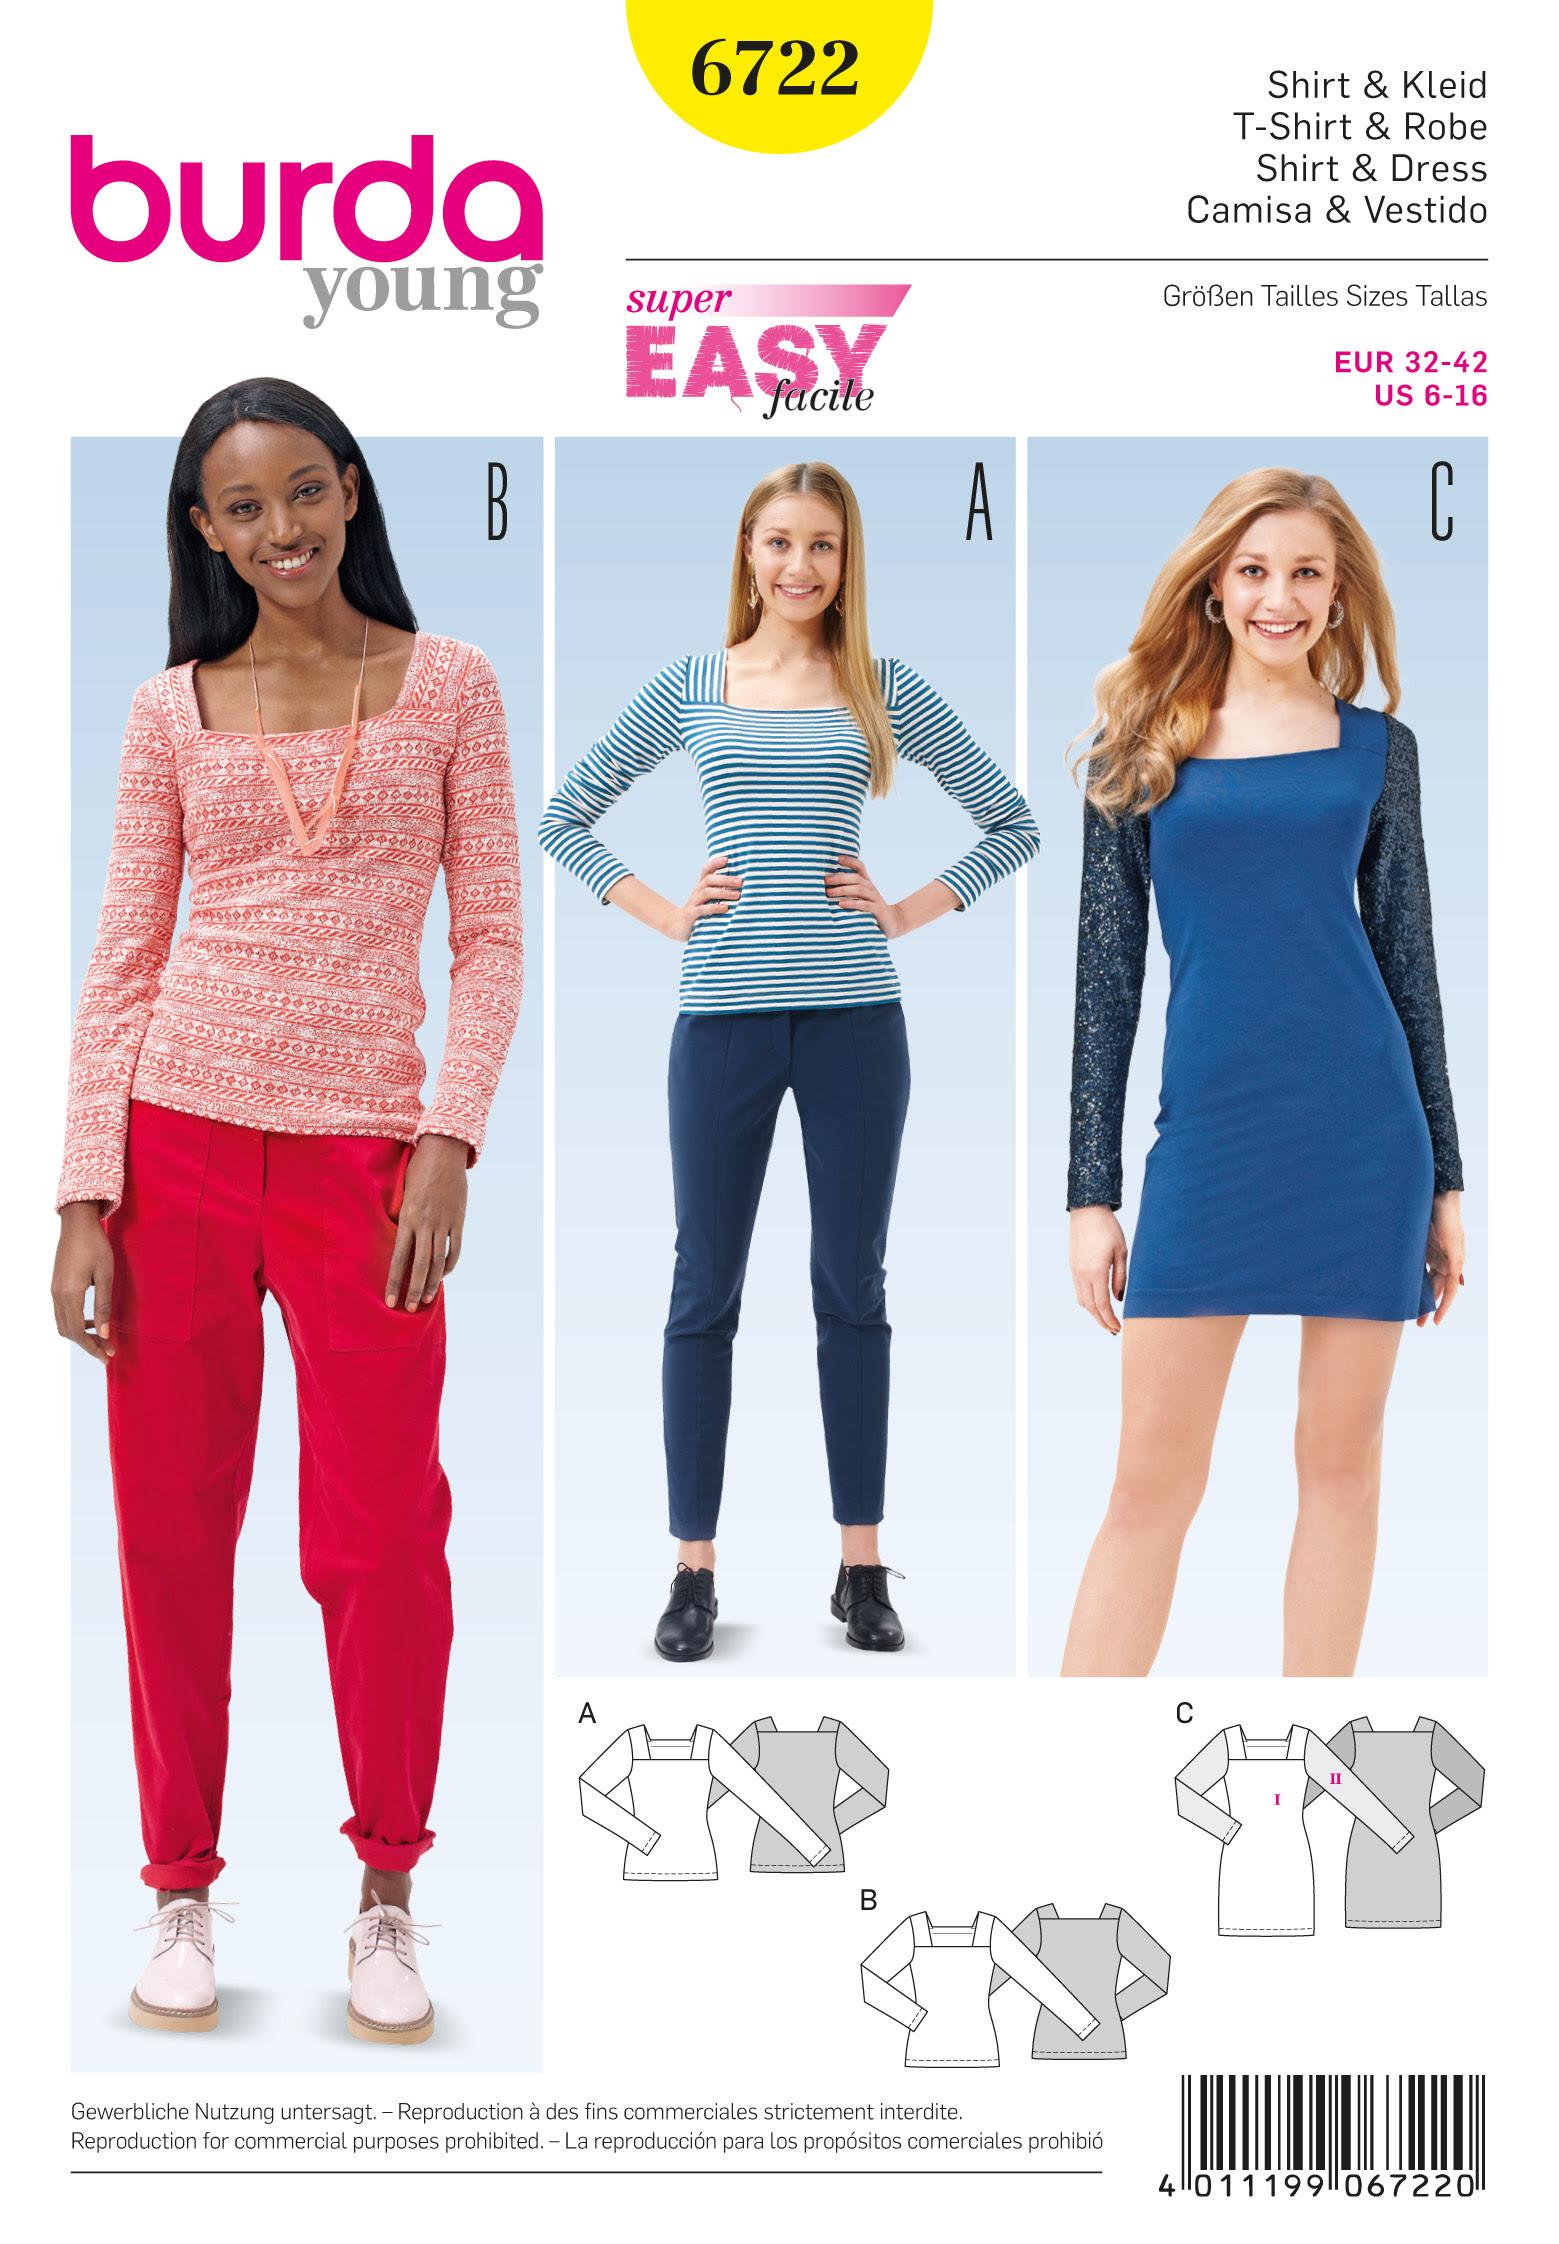 Burda Misses' Dress and Tops 6722